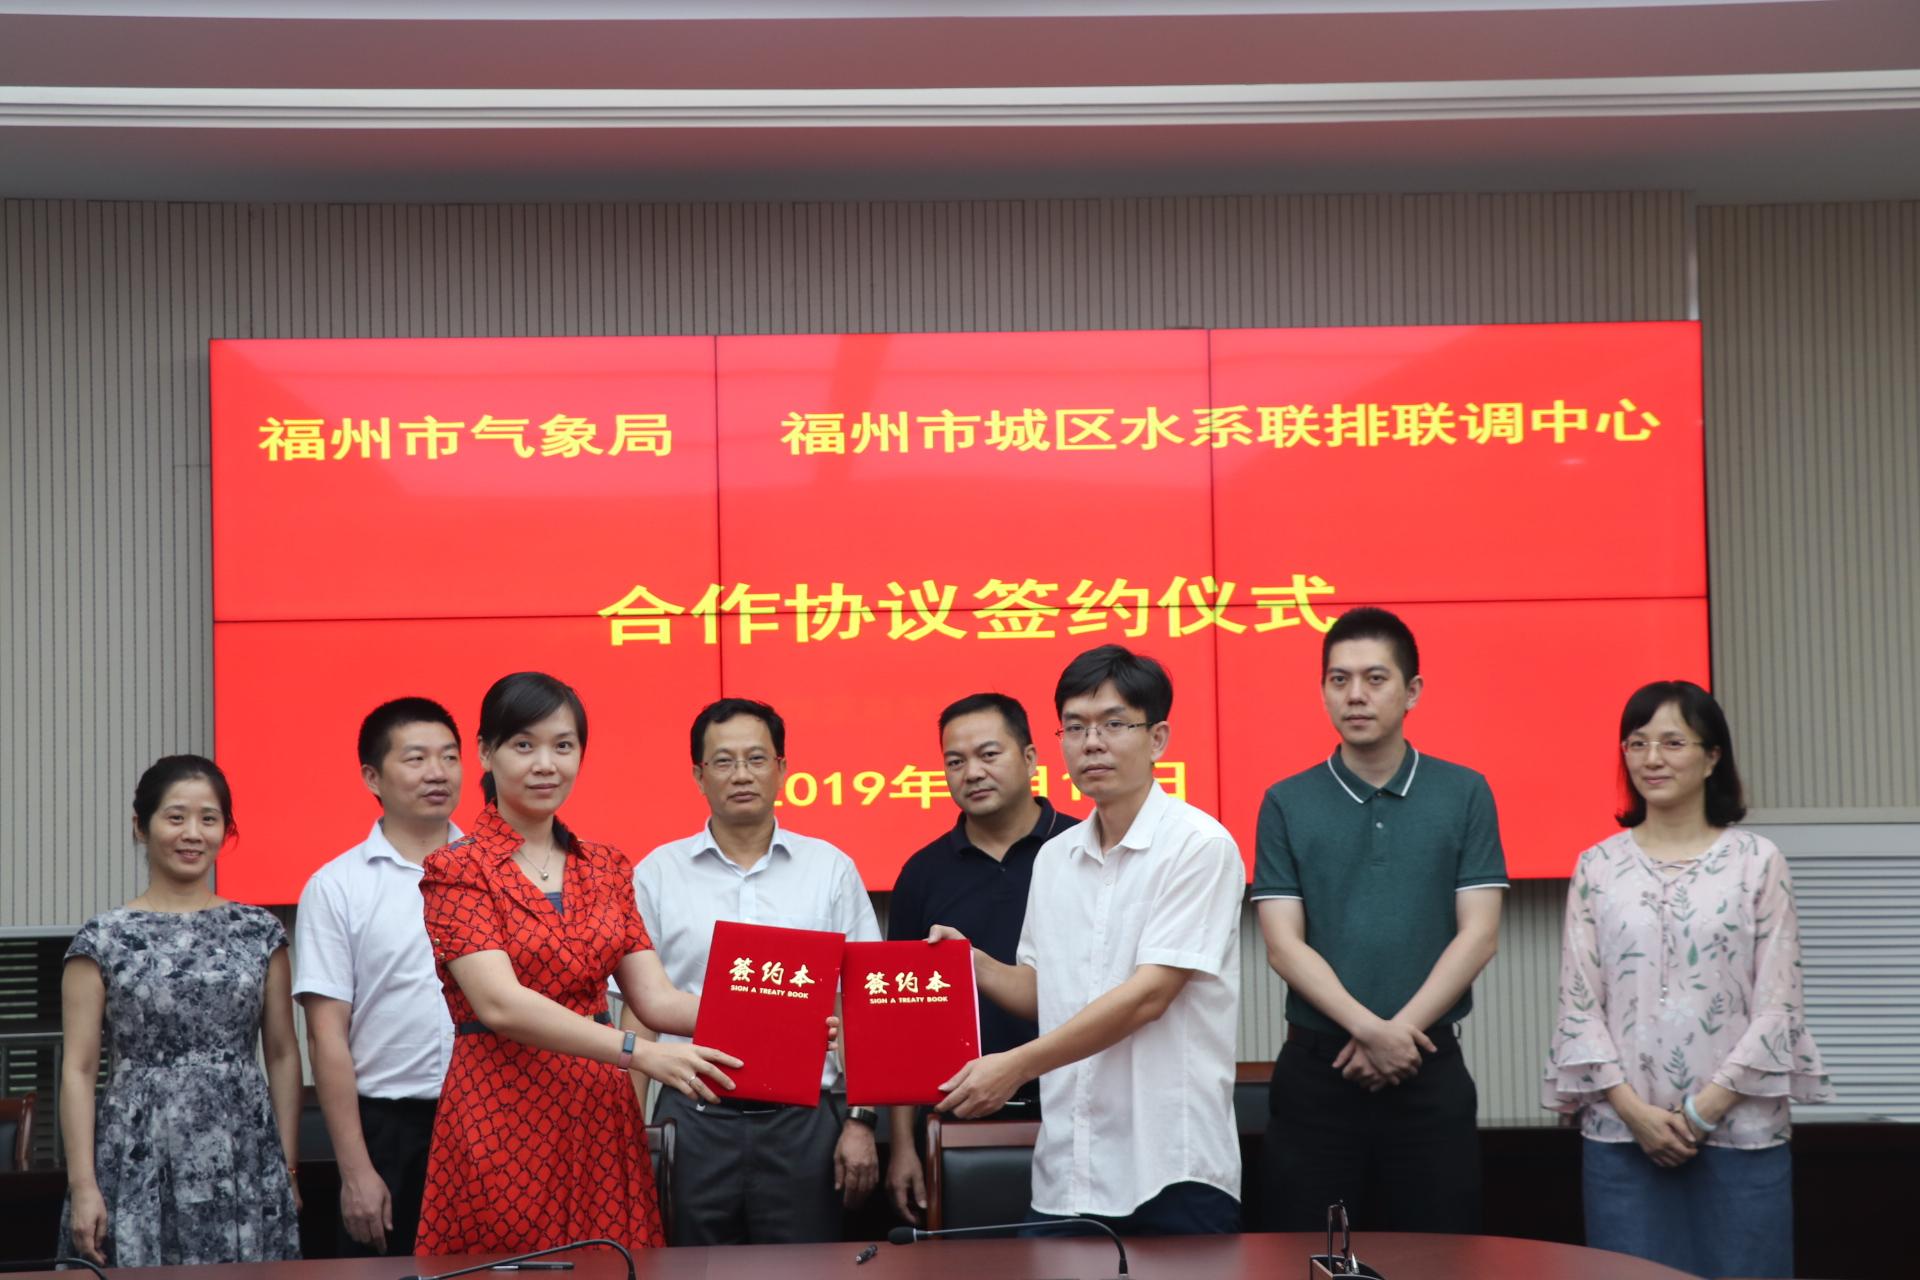 福州:气象与城区水系联排联调中心签订合作协议